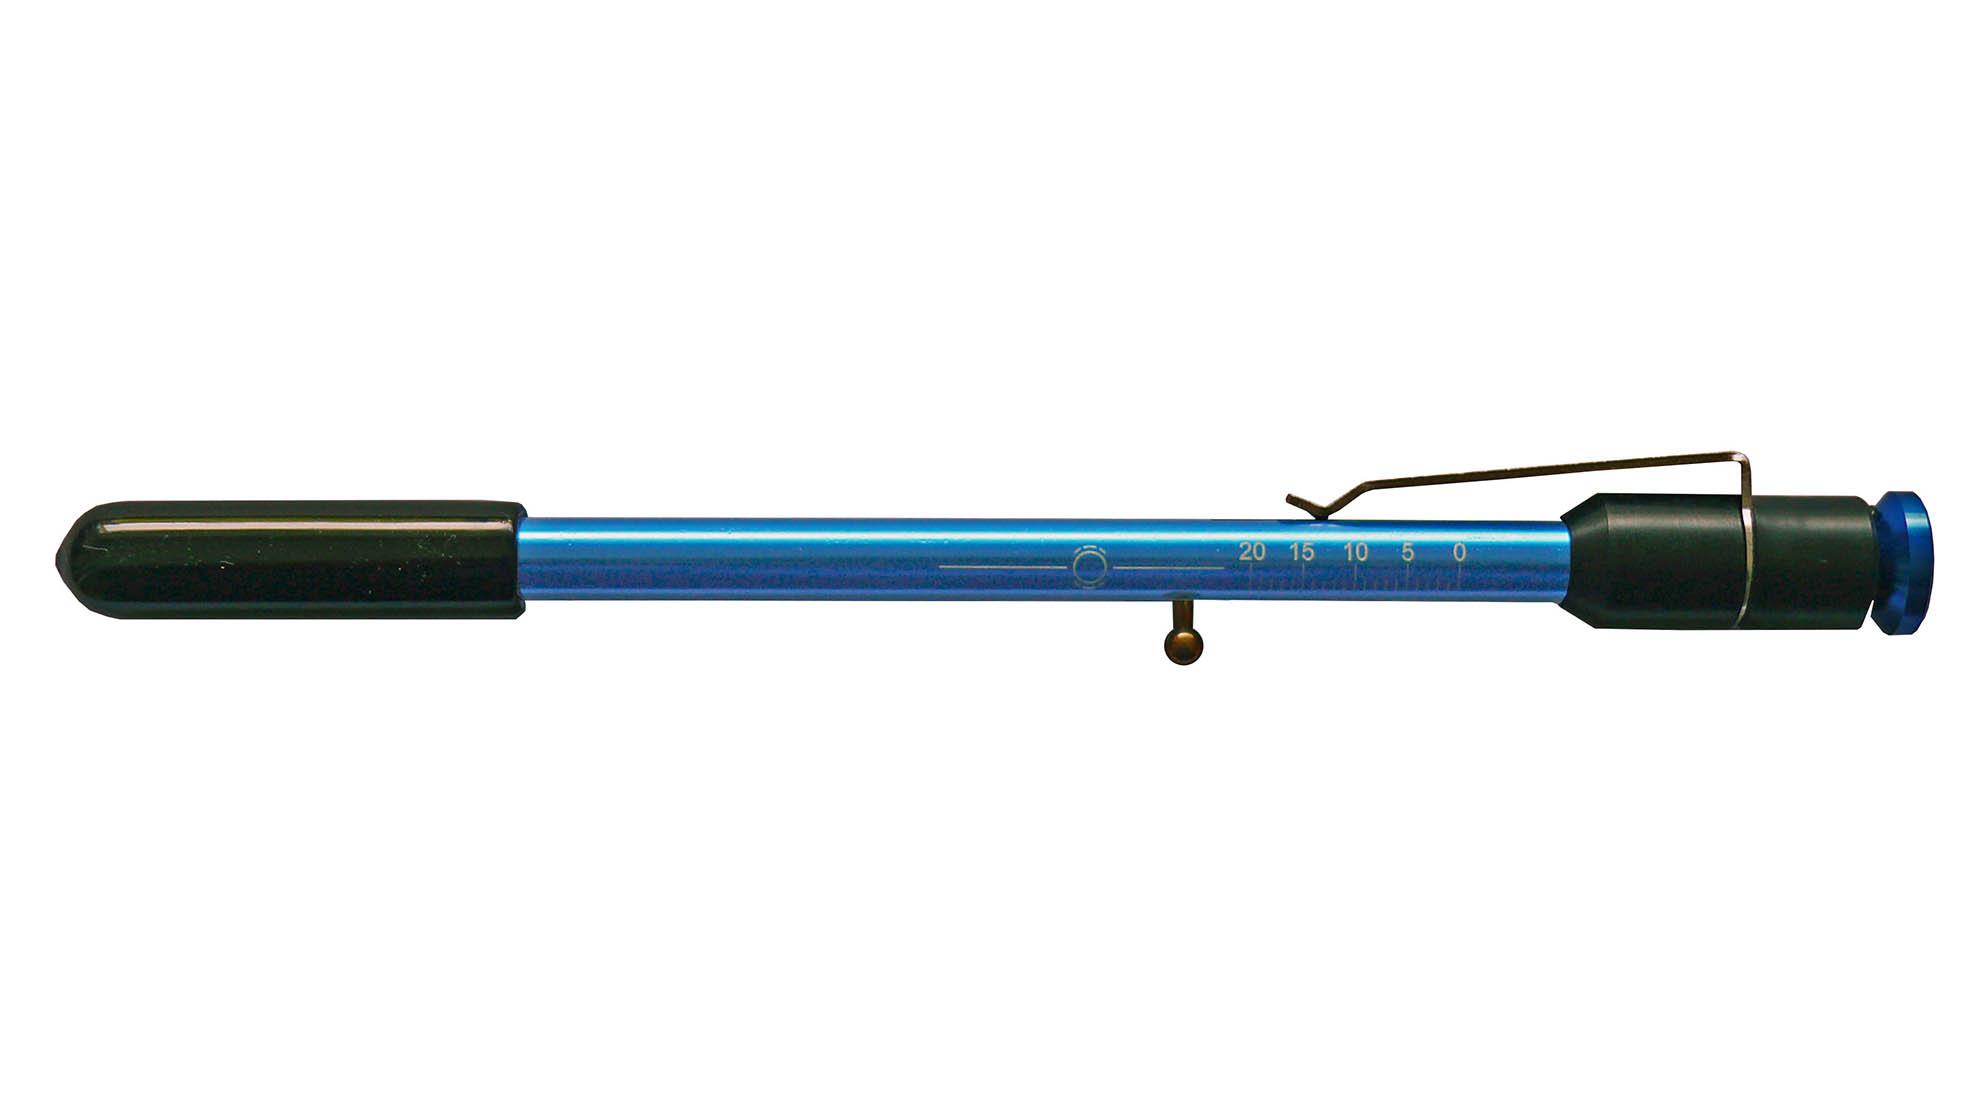 Bremsbelag-Erkennungsstift, 2-in-1